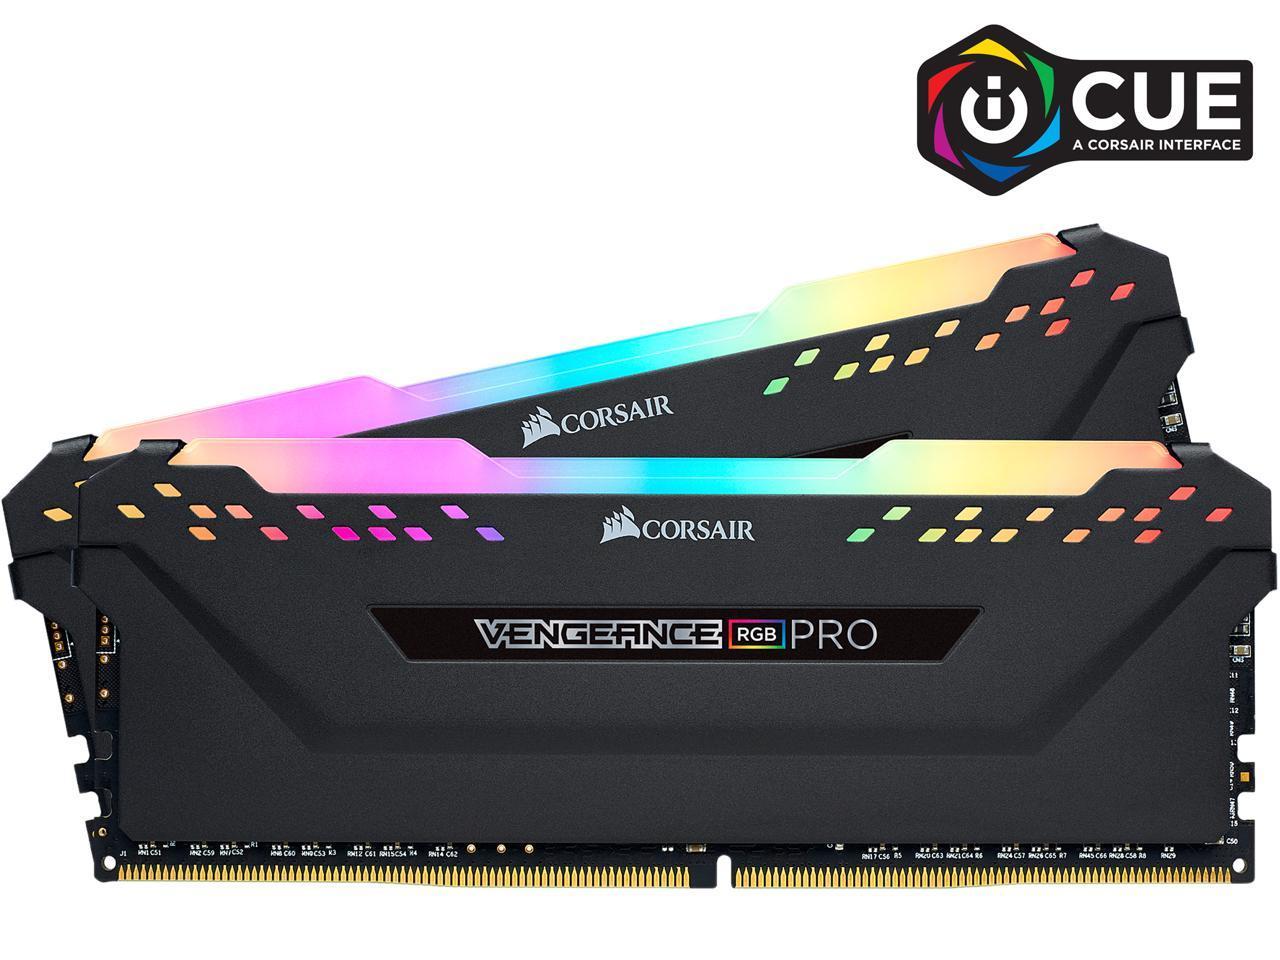 CORSAIR Vengeance RGB Pro 16GB (2 x 8GB) 288-Pin DDR4 SDRAM DDR4 3600 Intel XMP 2.0 CMW16GX4M2D3600C18